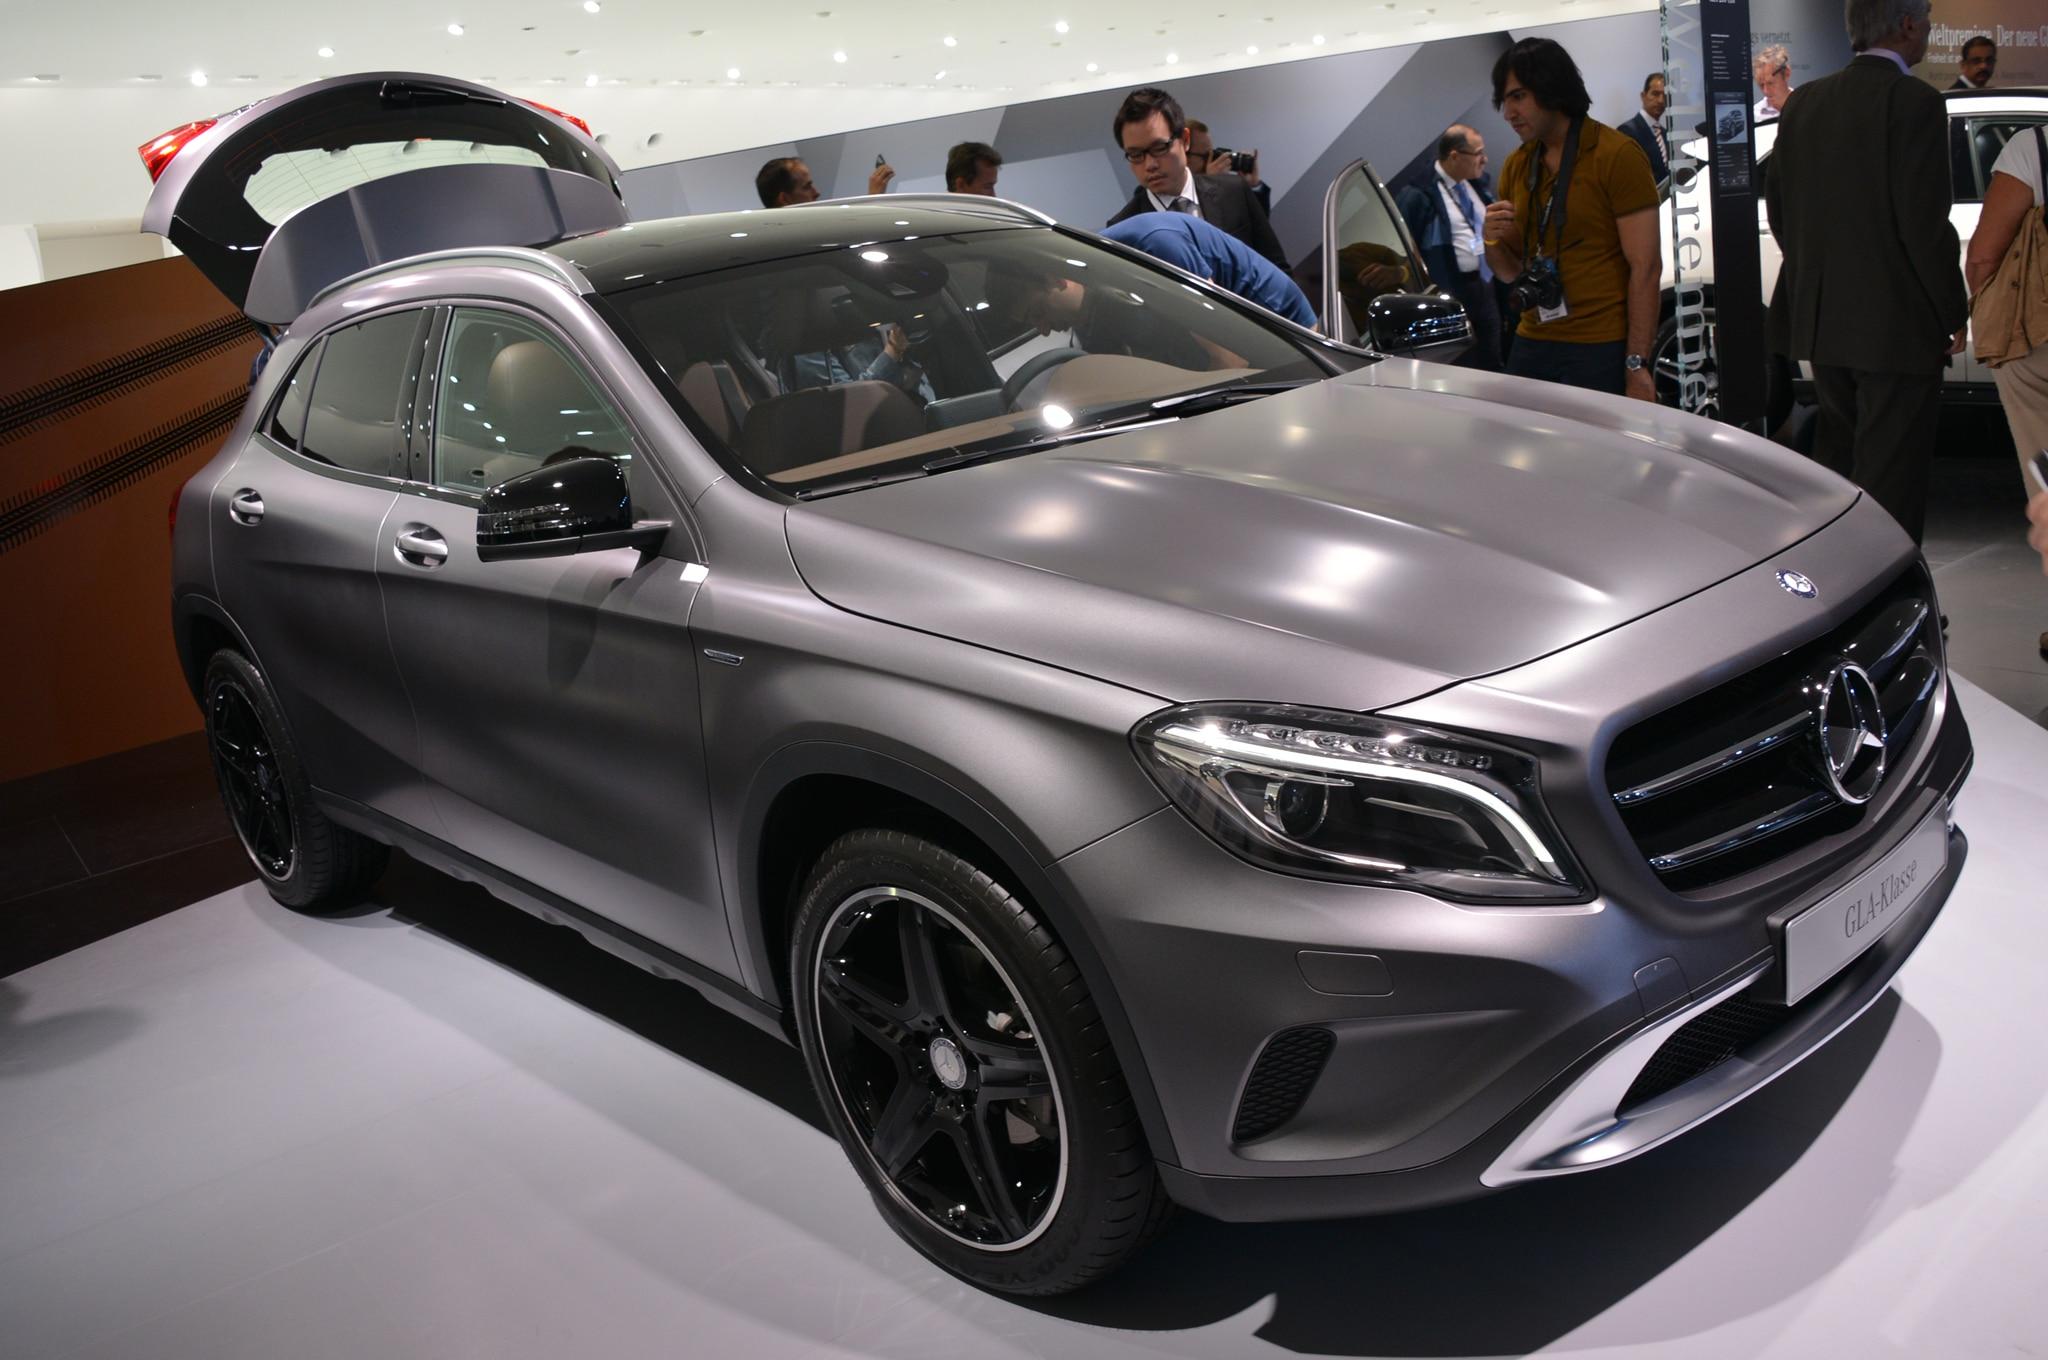 2015 Mercedes-Benz GLA-Class First Look